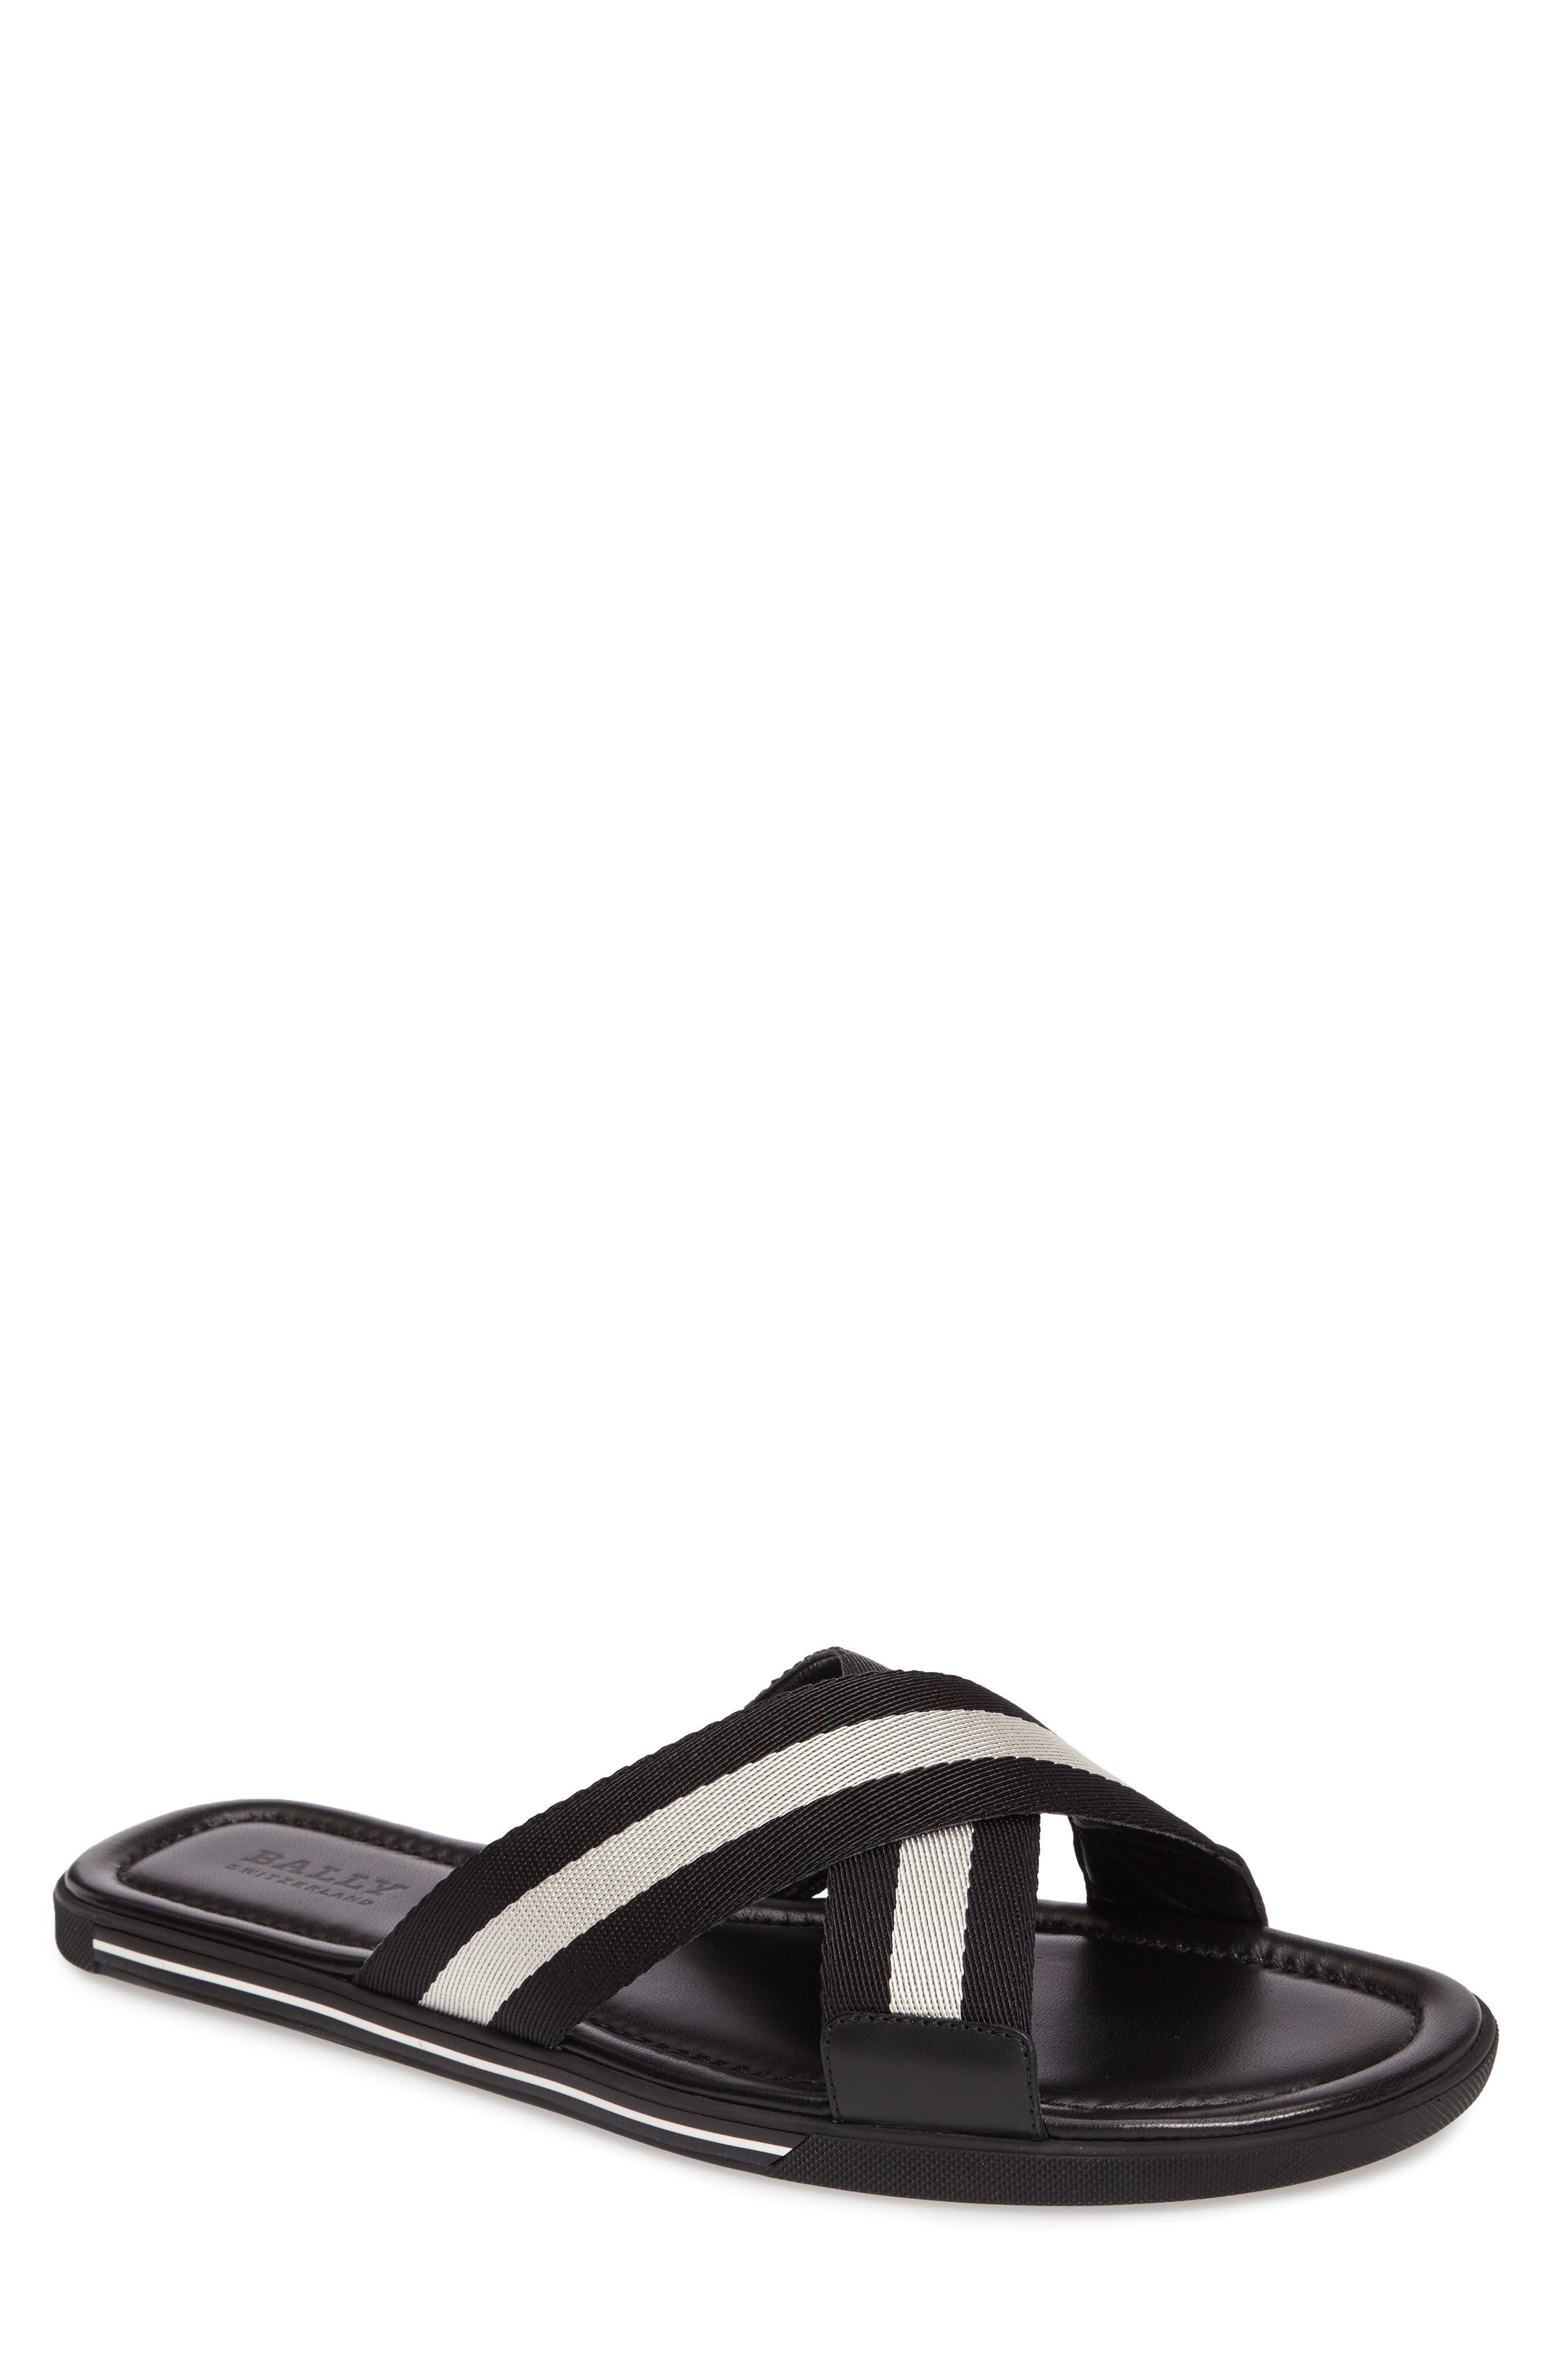 Bonks Slide Sandal,                         Main,                         color, 009